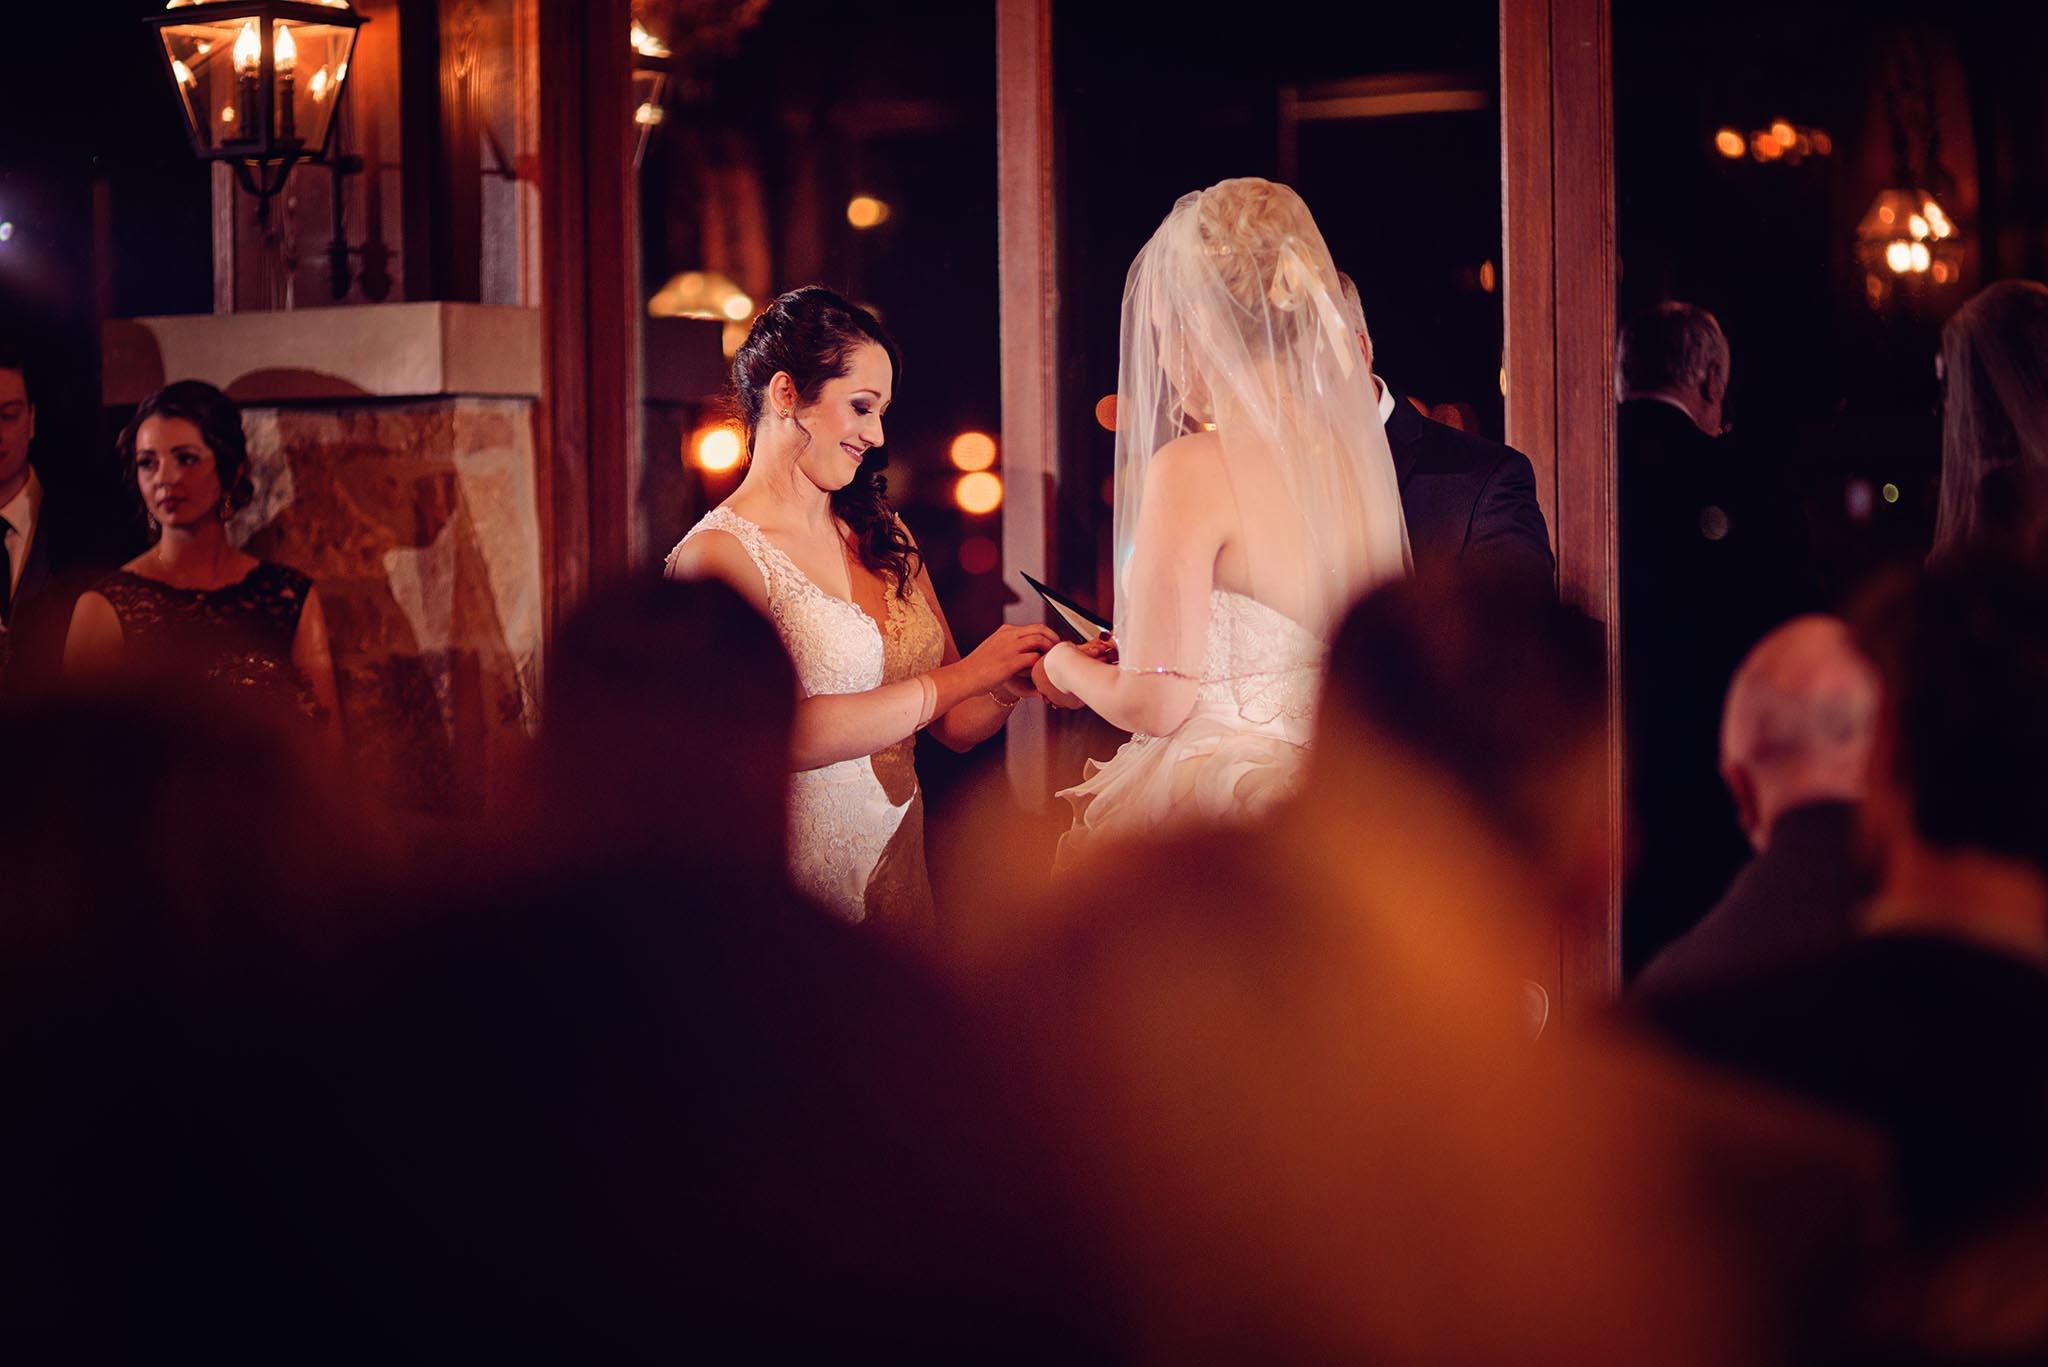 Peter-Bendevis-Photography-Kris-Laura-Cambridge-Mill-Winter-Wedding26